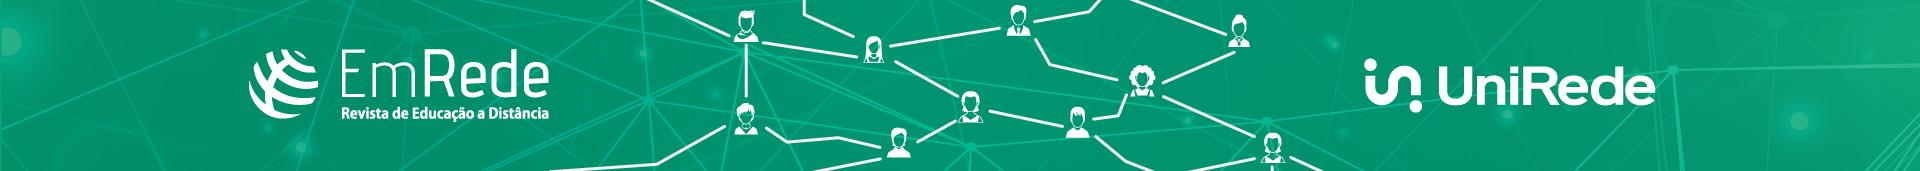 Imagem com o logo da revista EmRede - Revsta da Educação a Distância, representando uma rede através da conexão de várias pessoas.